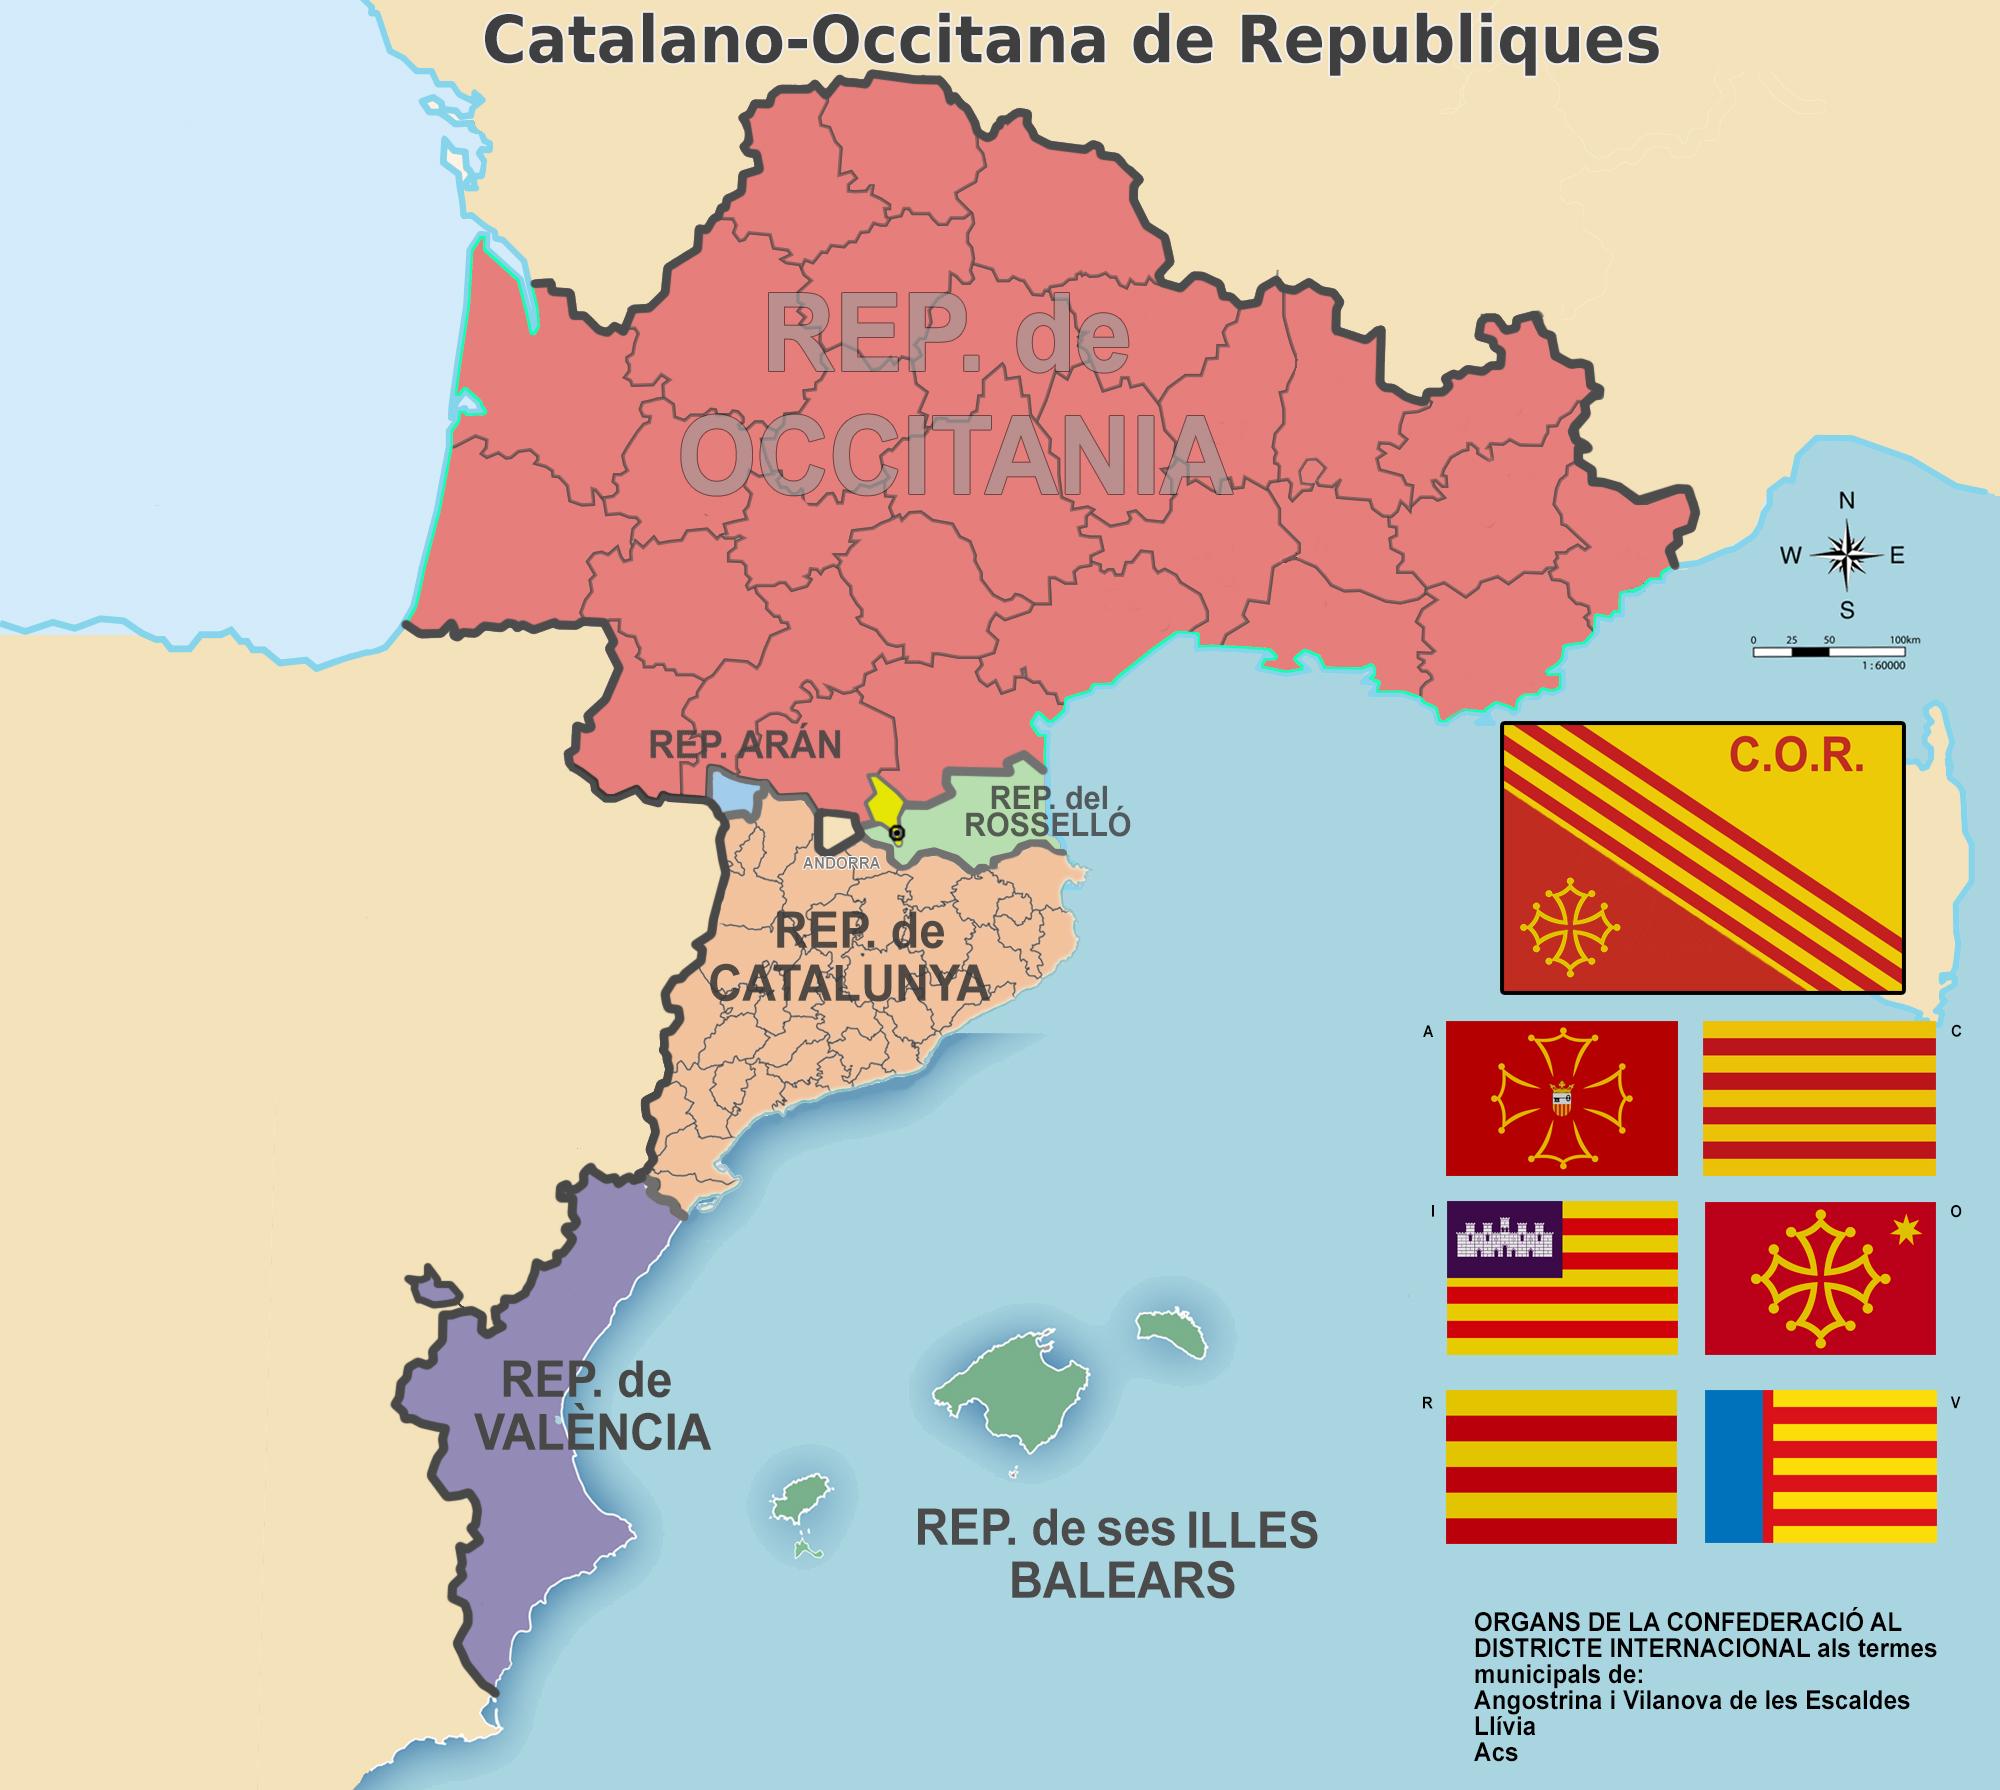 Confederacio Catalano Occitana De Republiques By Ginart